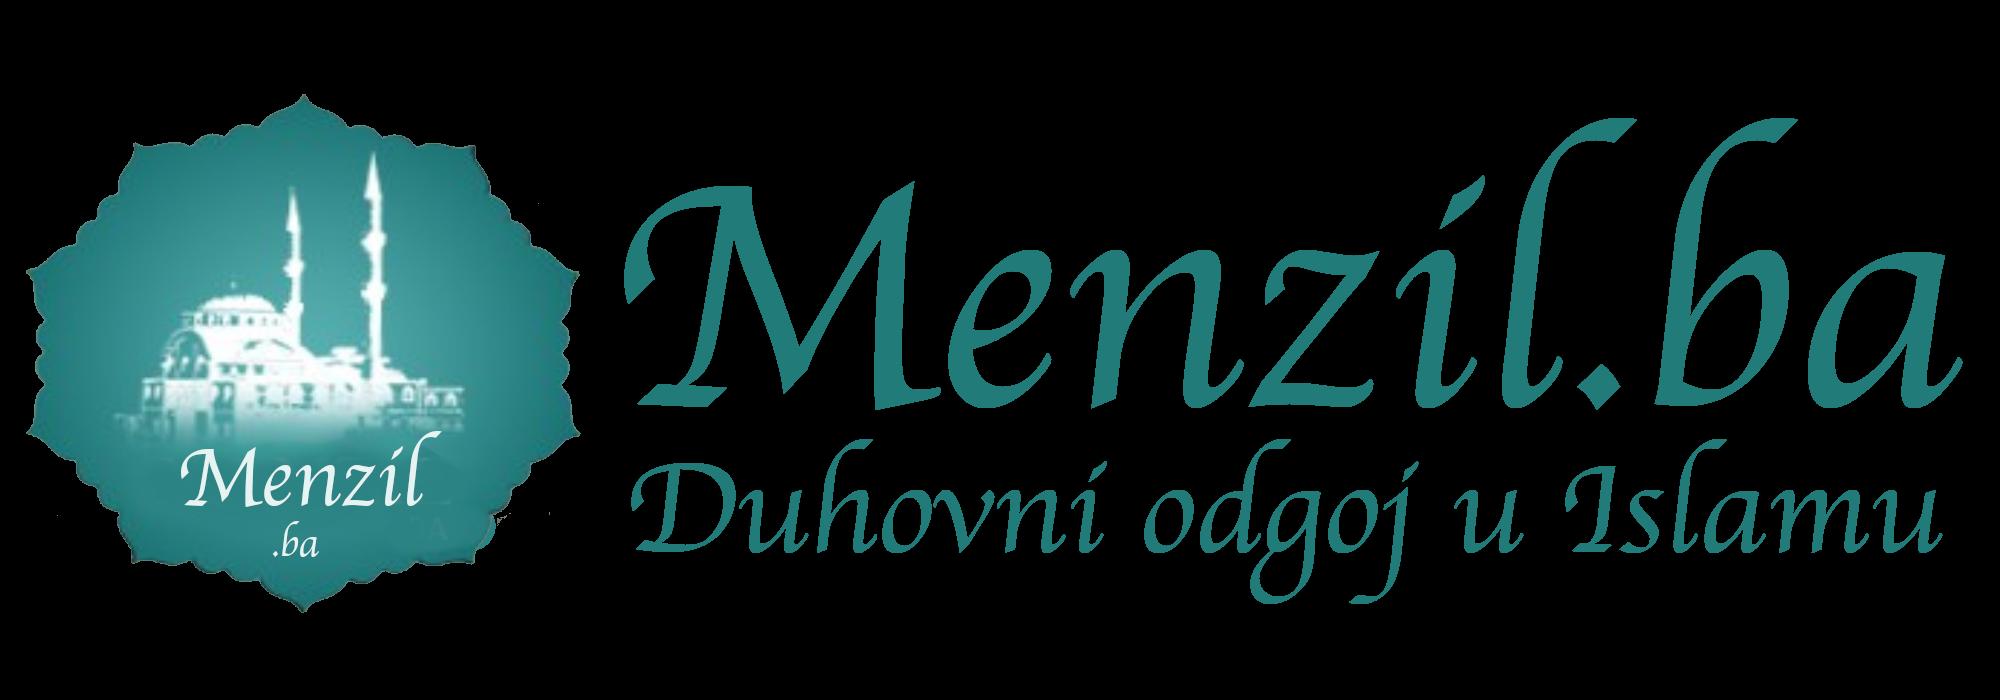 Menzil.ba